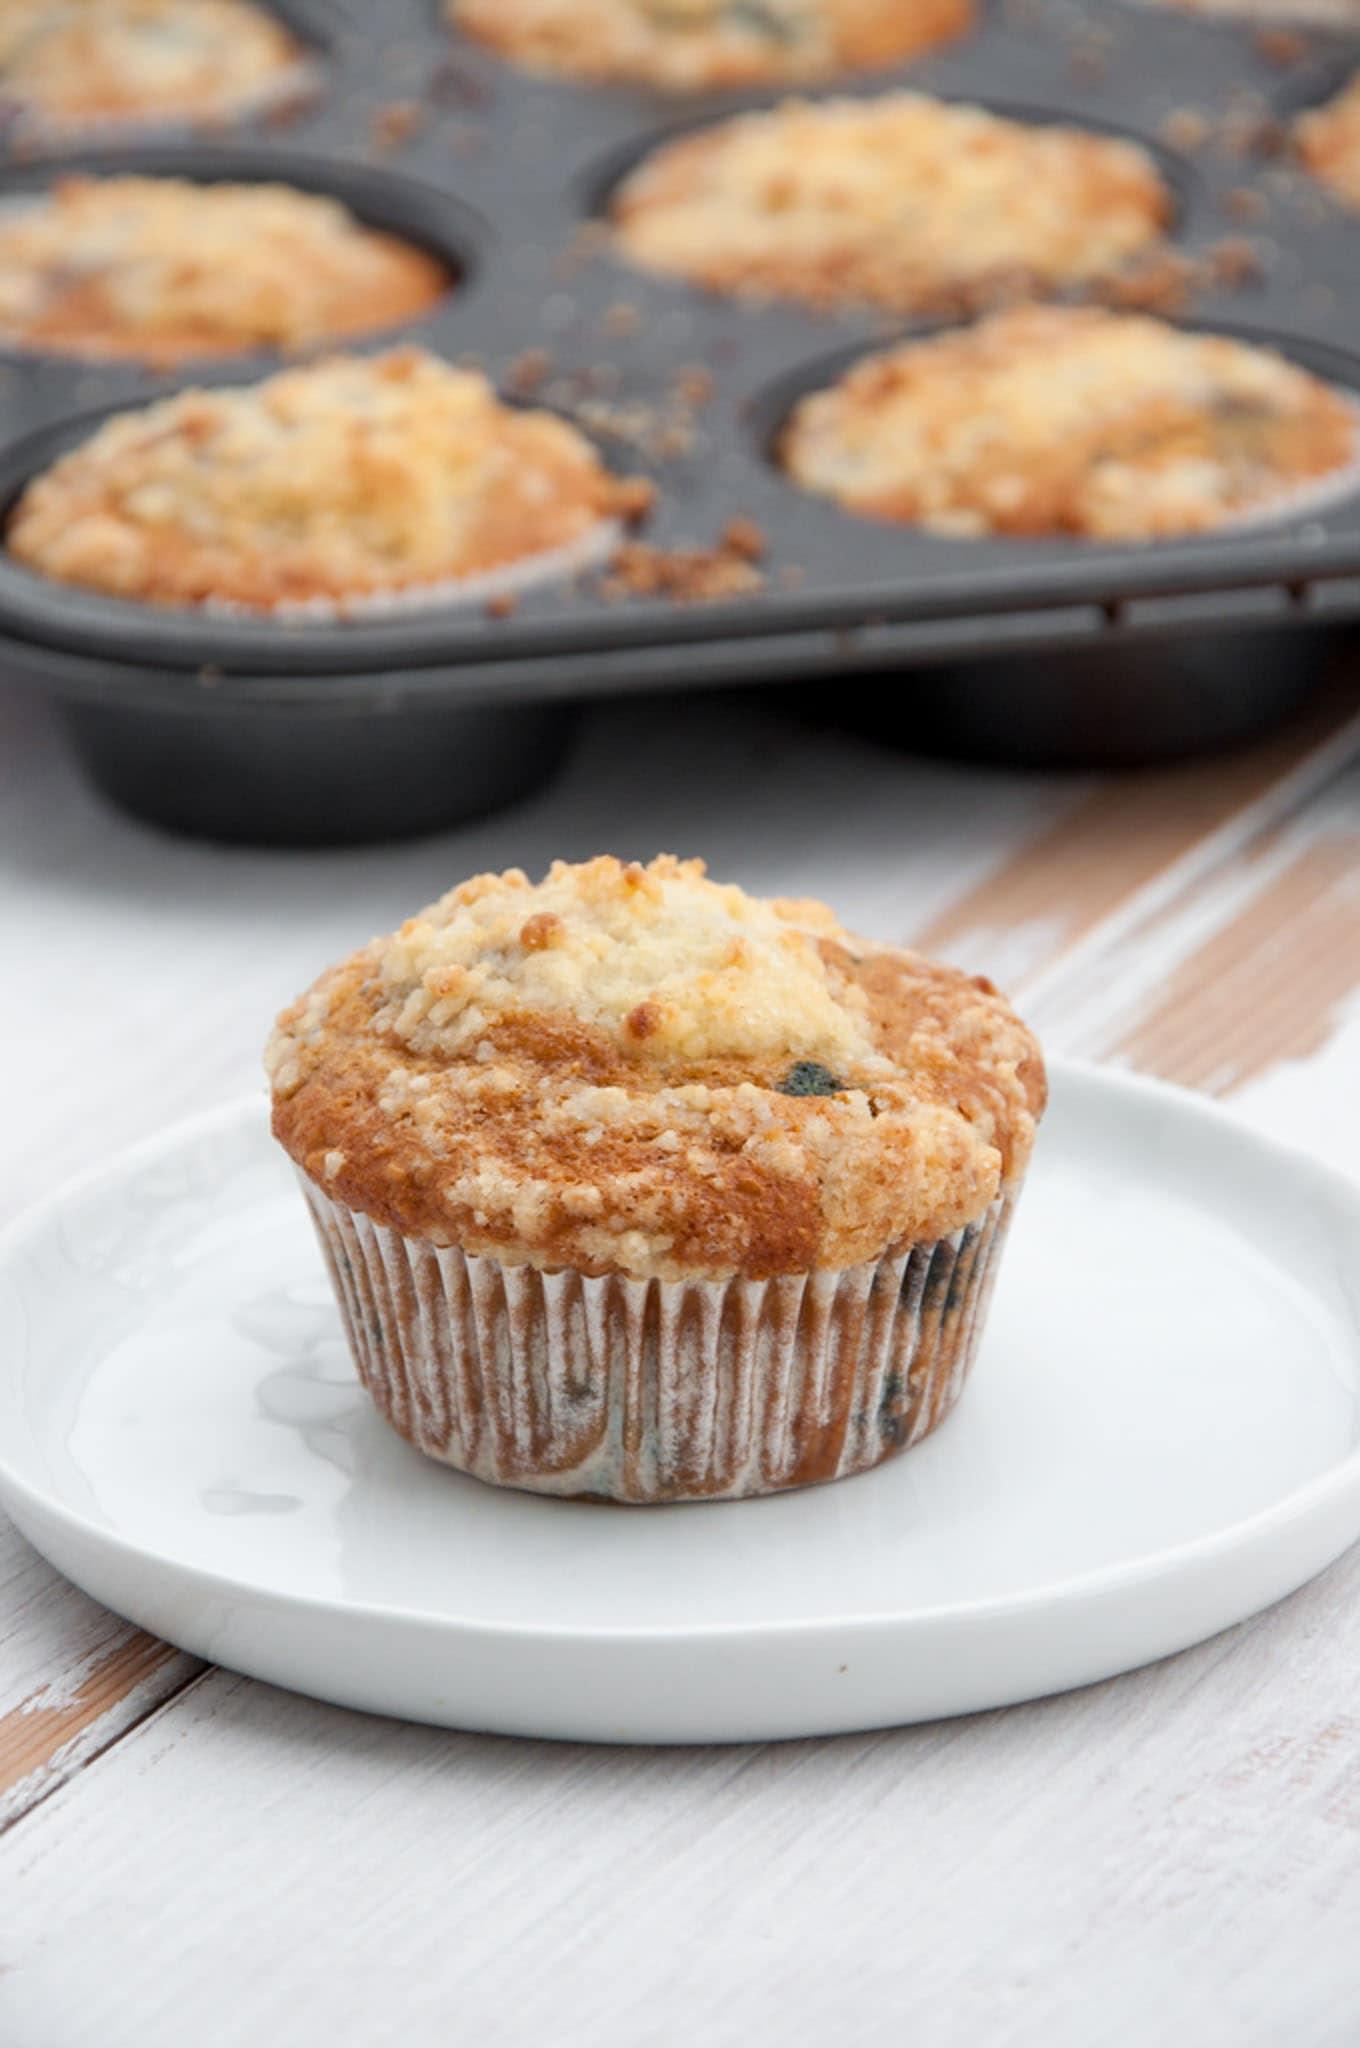 Vegan Blueberry Lemon Streusel Muffins